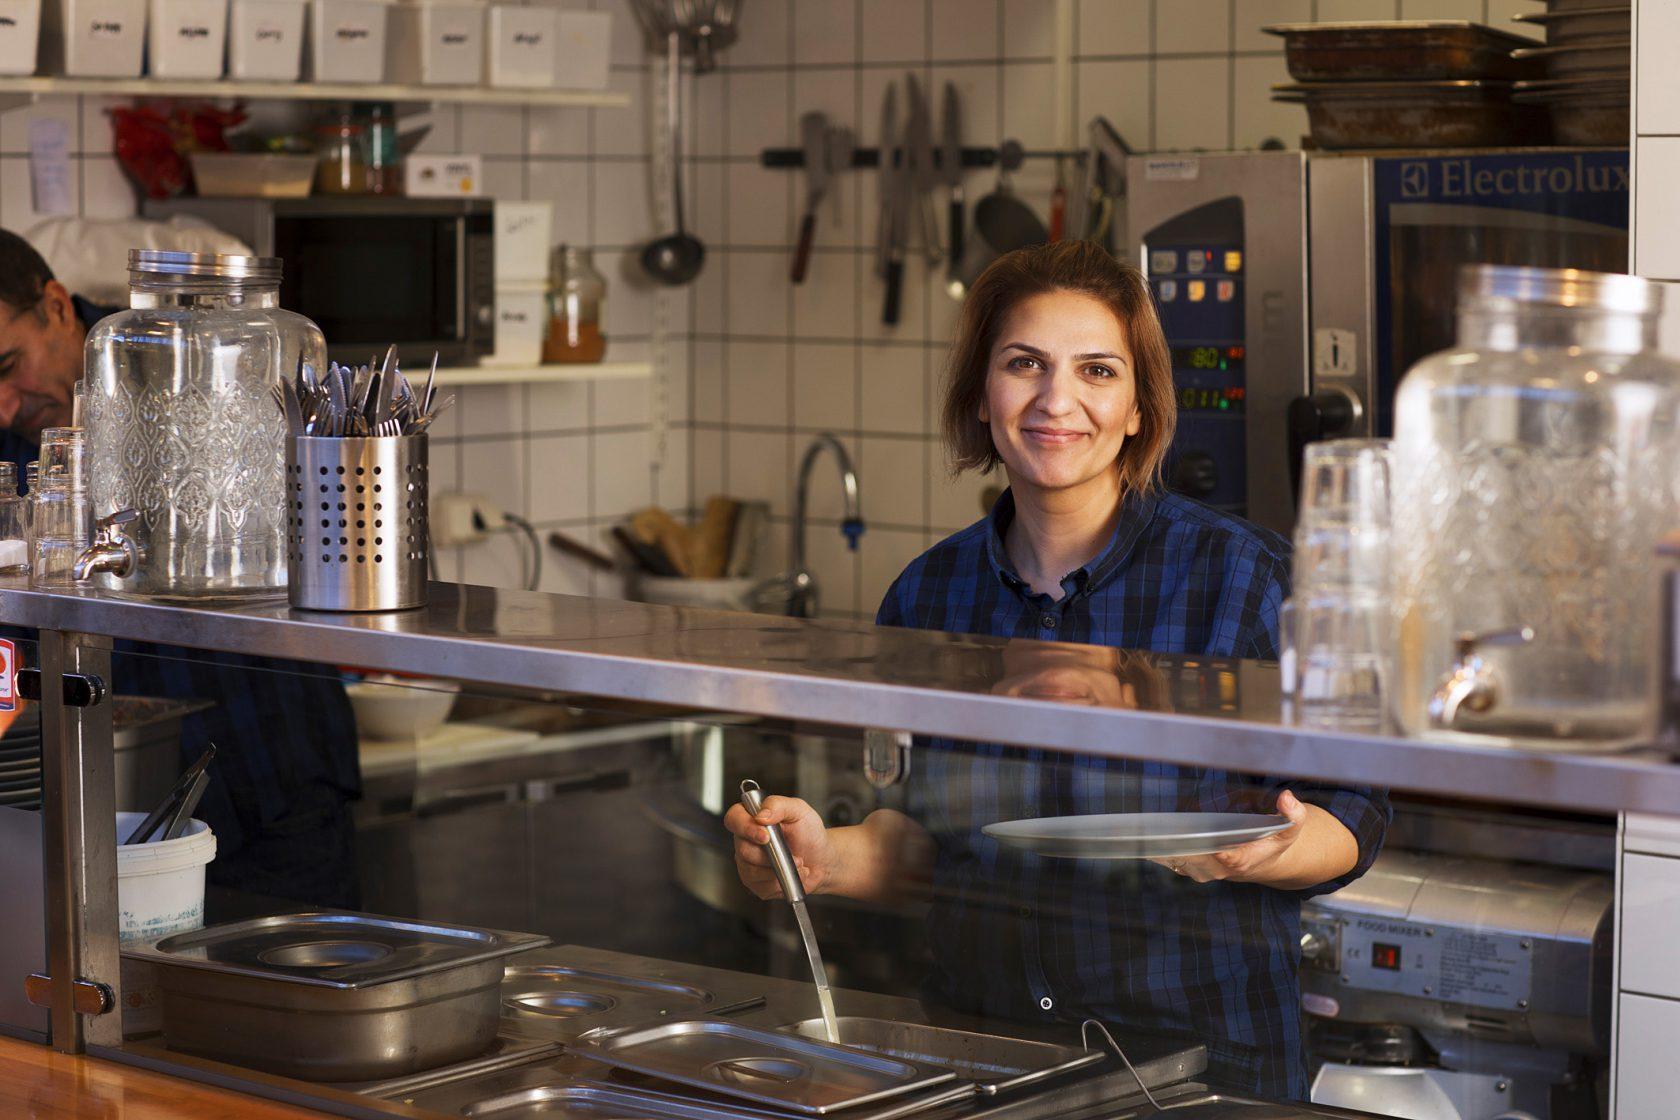 En kvinna står bakom en disk beredd att lägga upp mat på en tallrik.